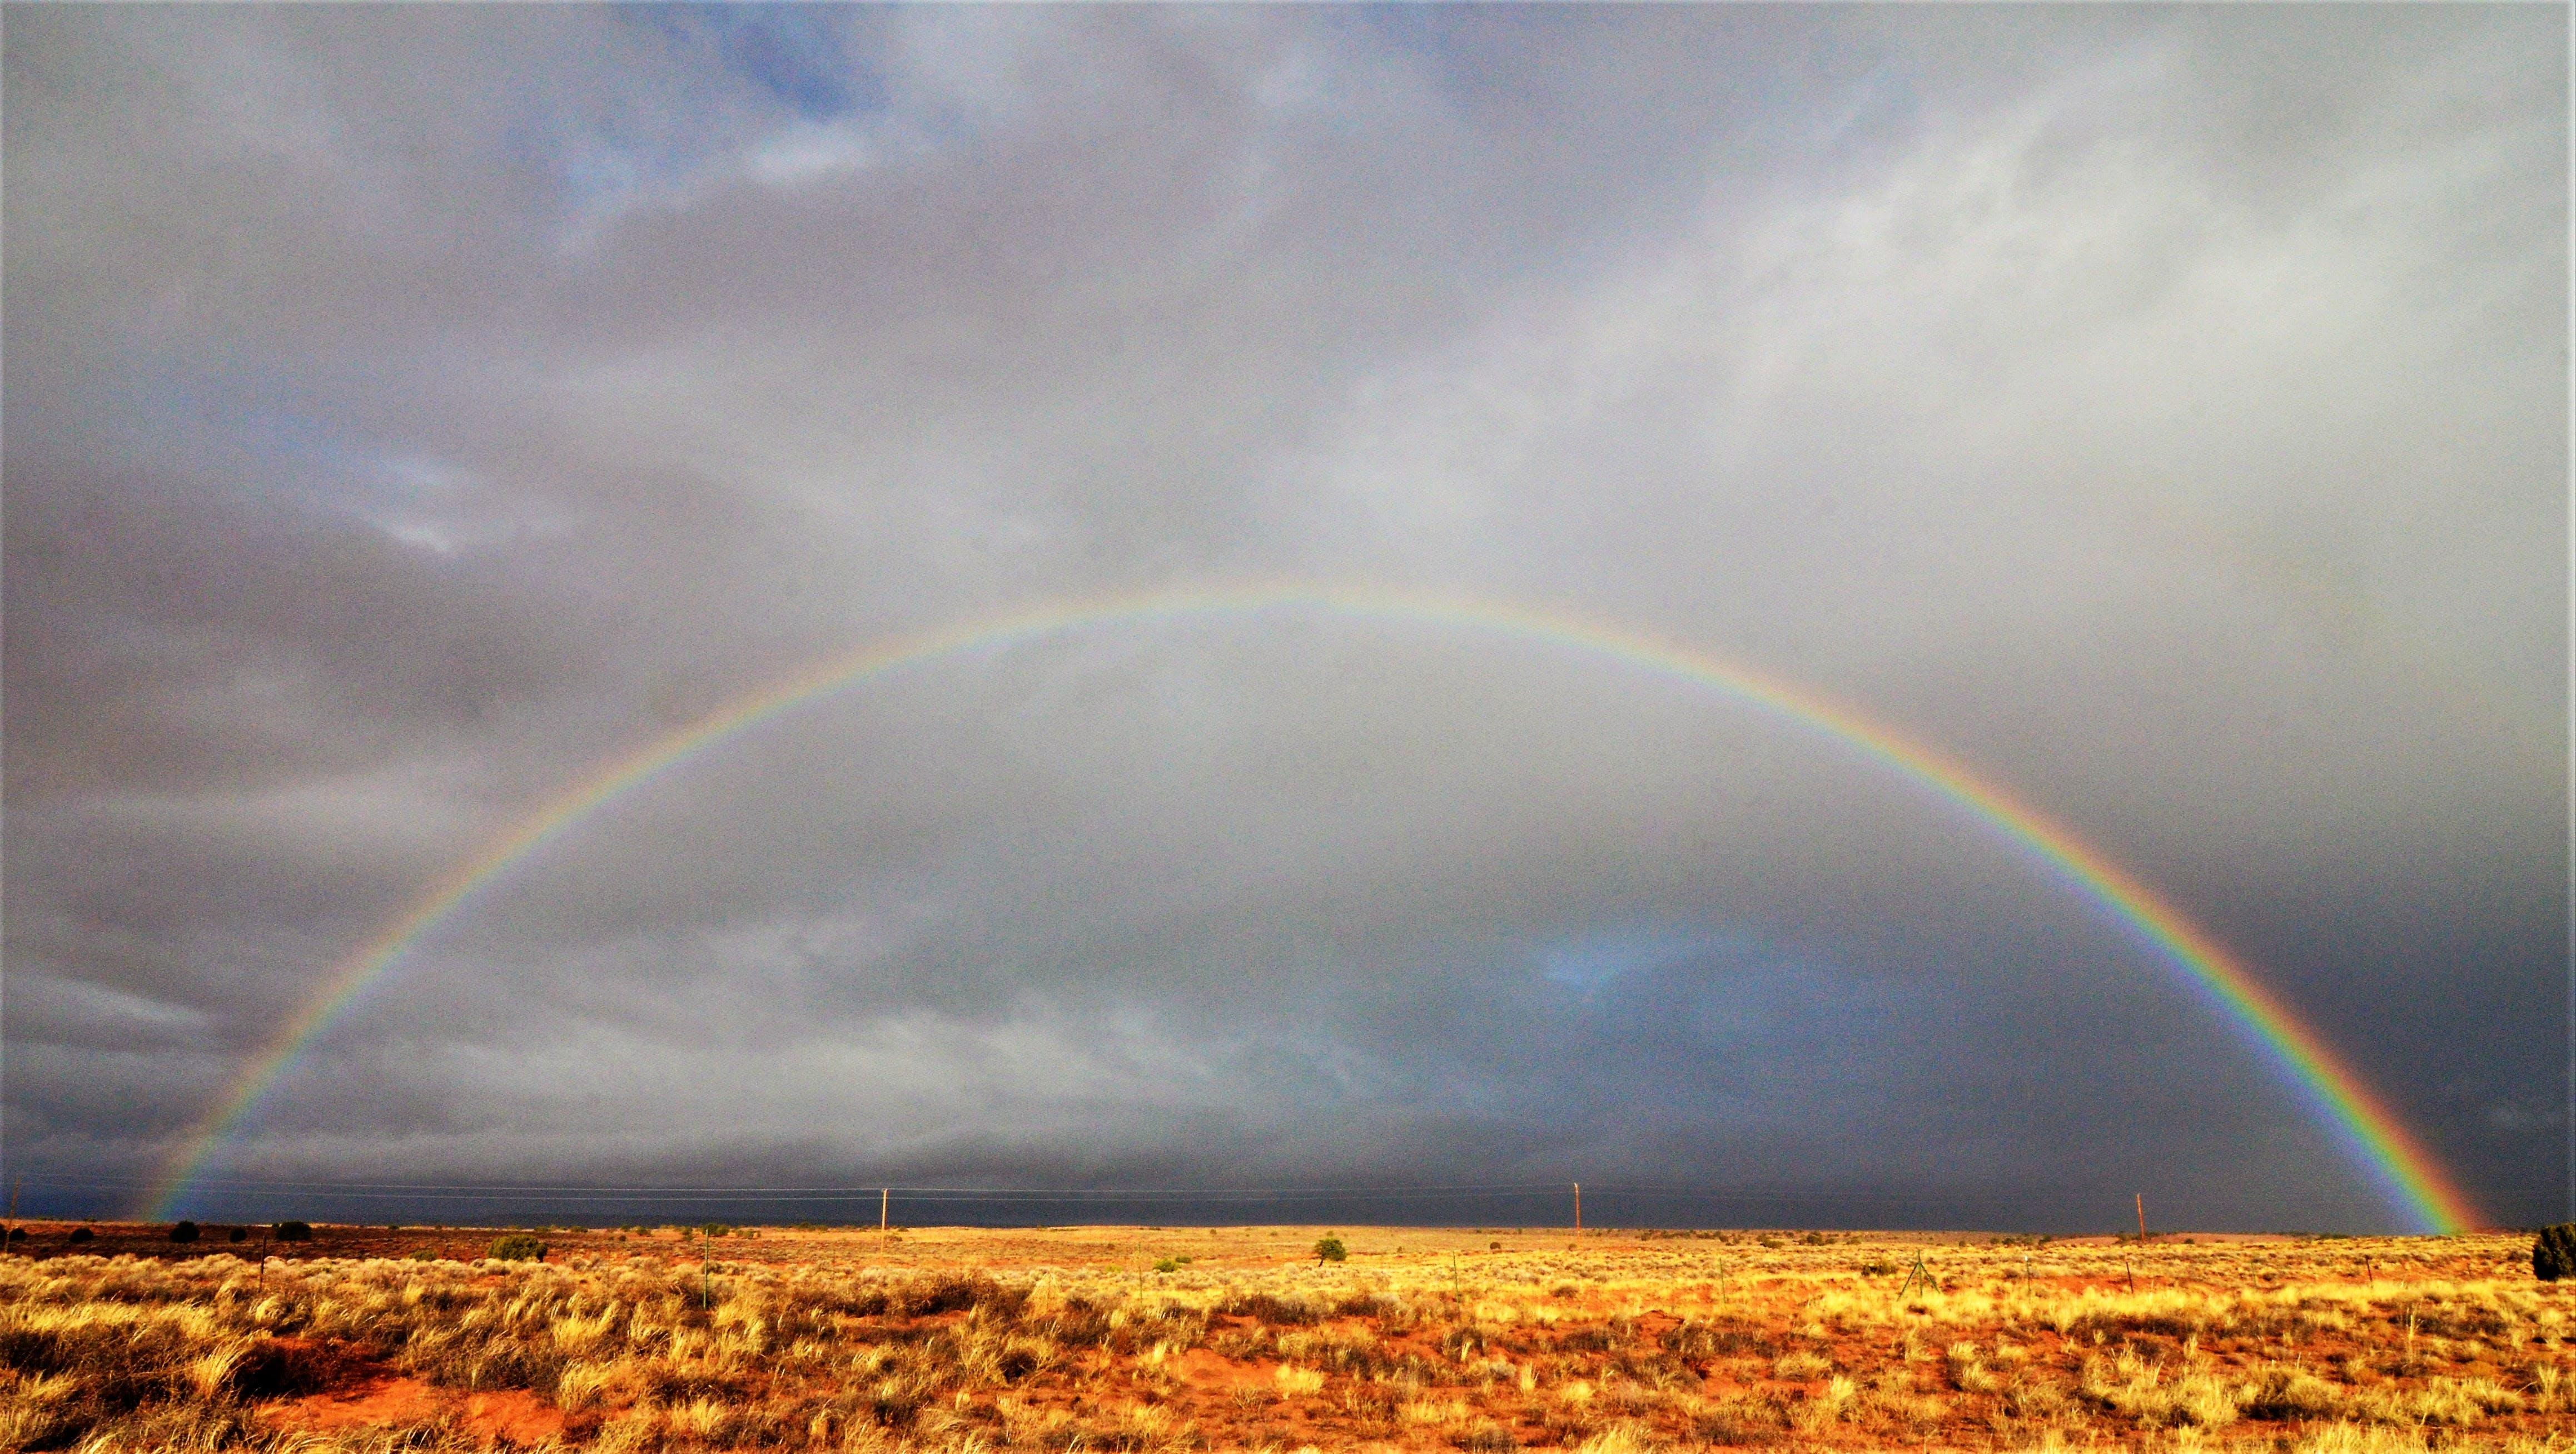 Δωρεάν στοκ φωτογραφιών με ουράνιο τόξο